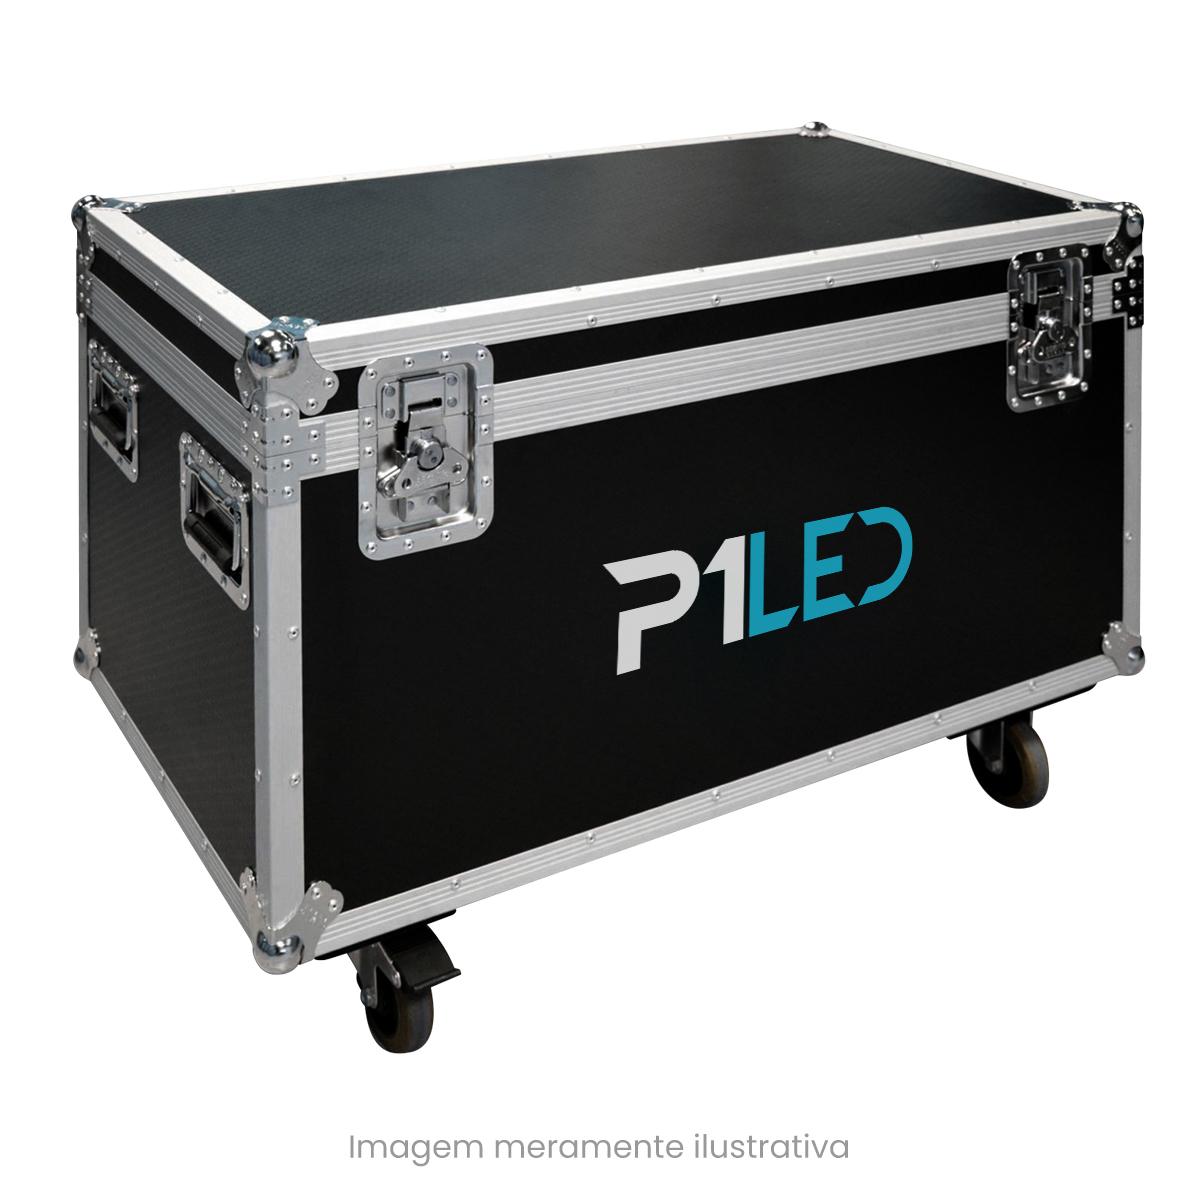 Painel de LED para Lojas e Comércios 0,96 x 1,92 - Telão P2.9 Indoor  - Painel e Telão de LED - O Melhor Preço em Painel de LED | P1LED